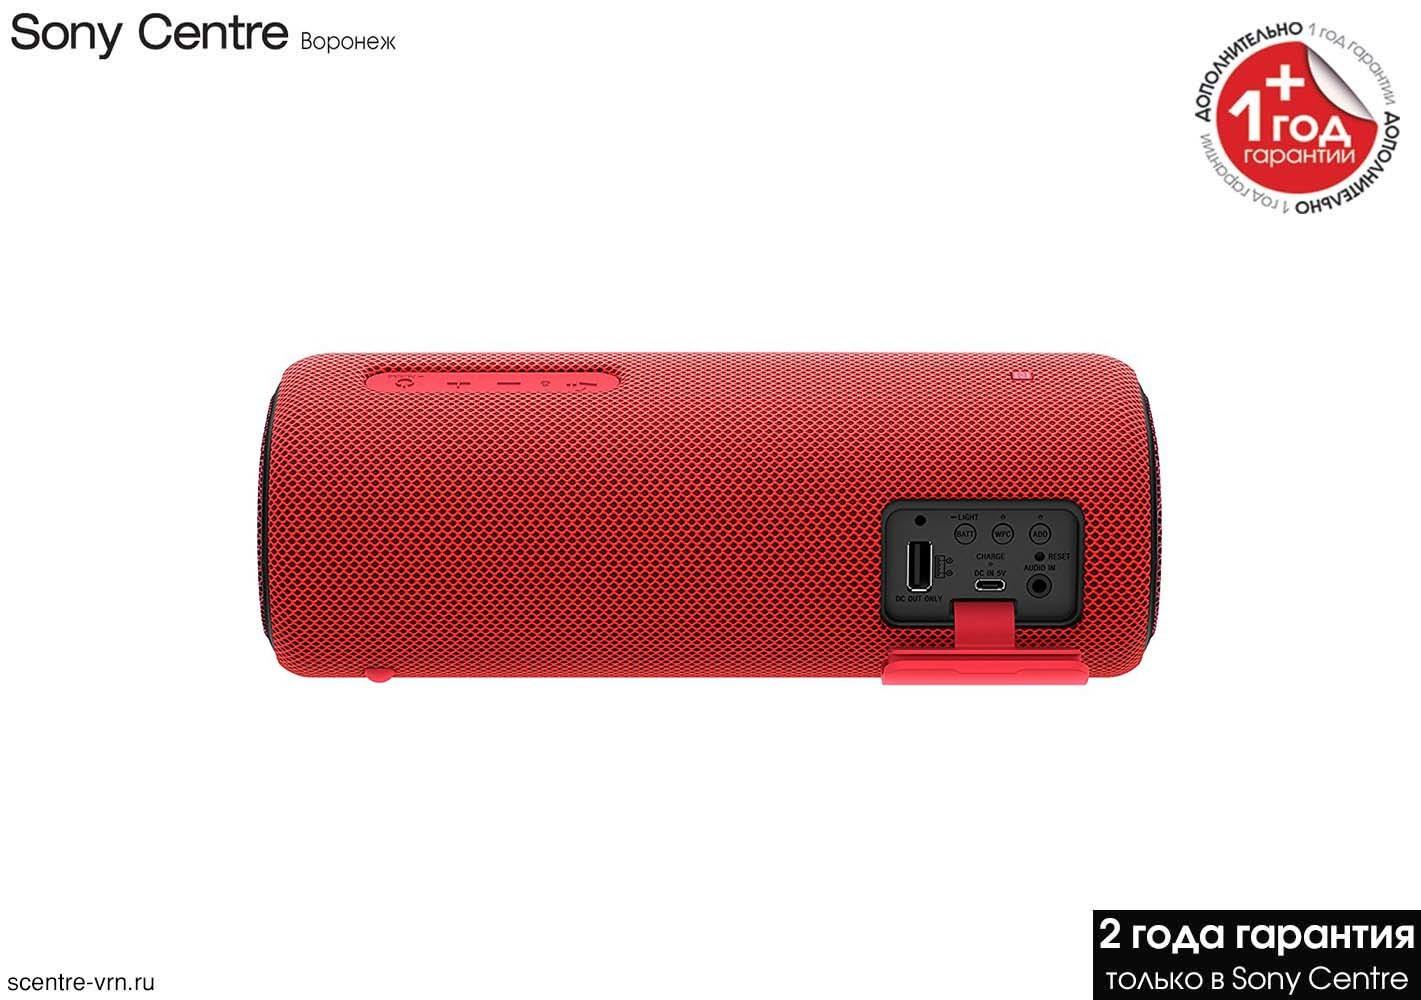 Беспроводная колонка Sony SRS-XB31 красного цвета